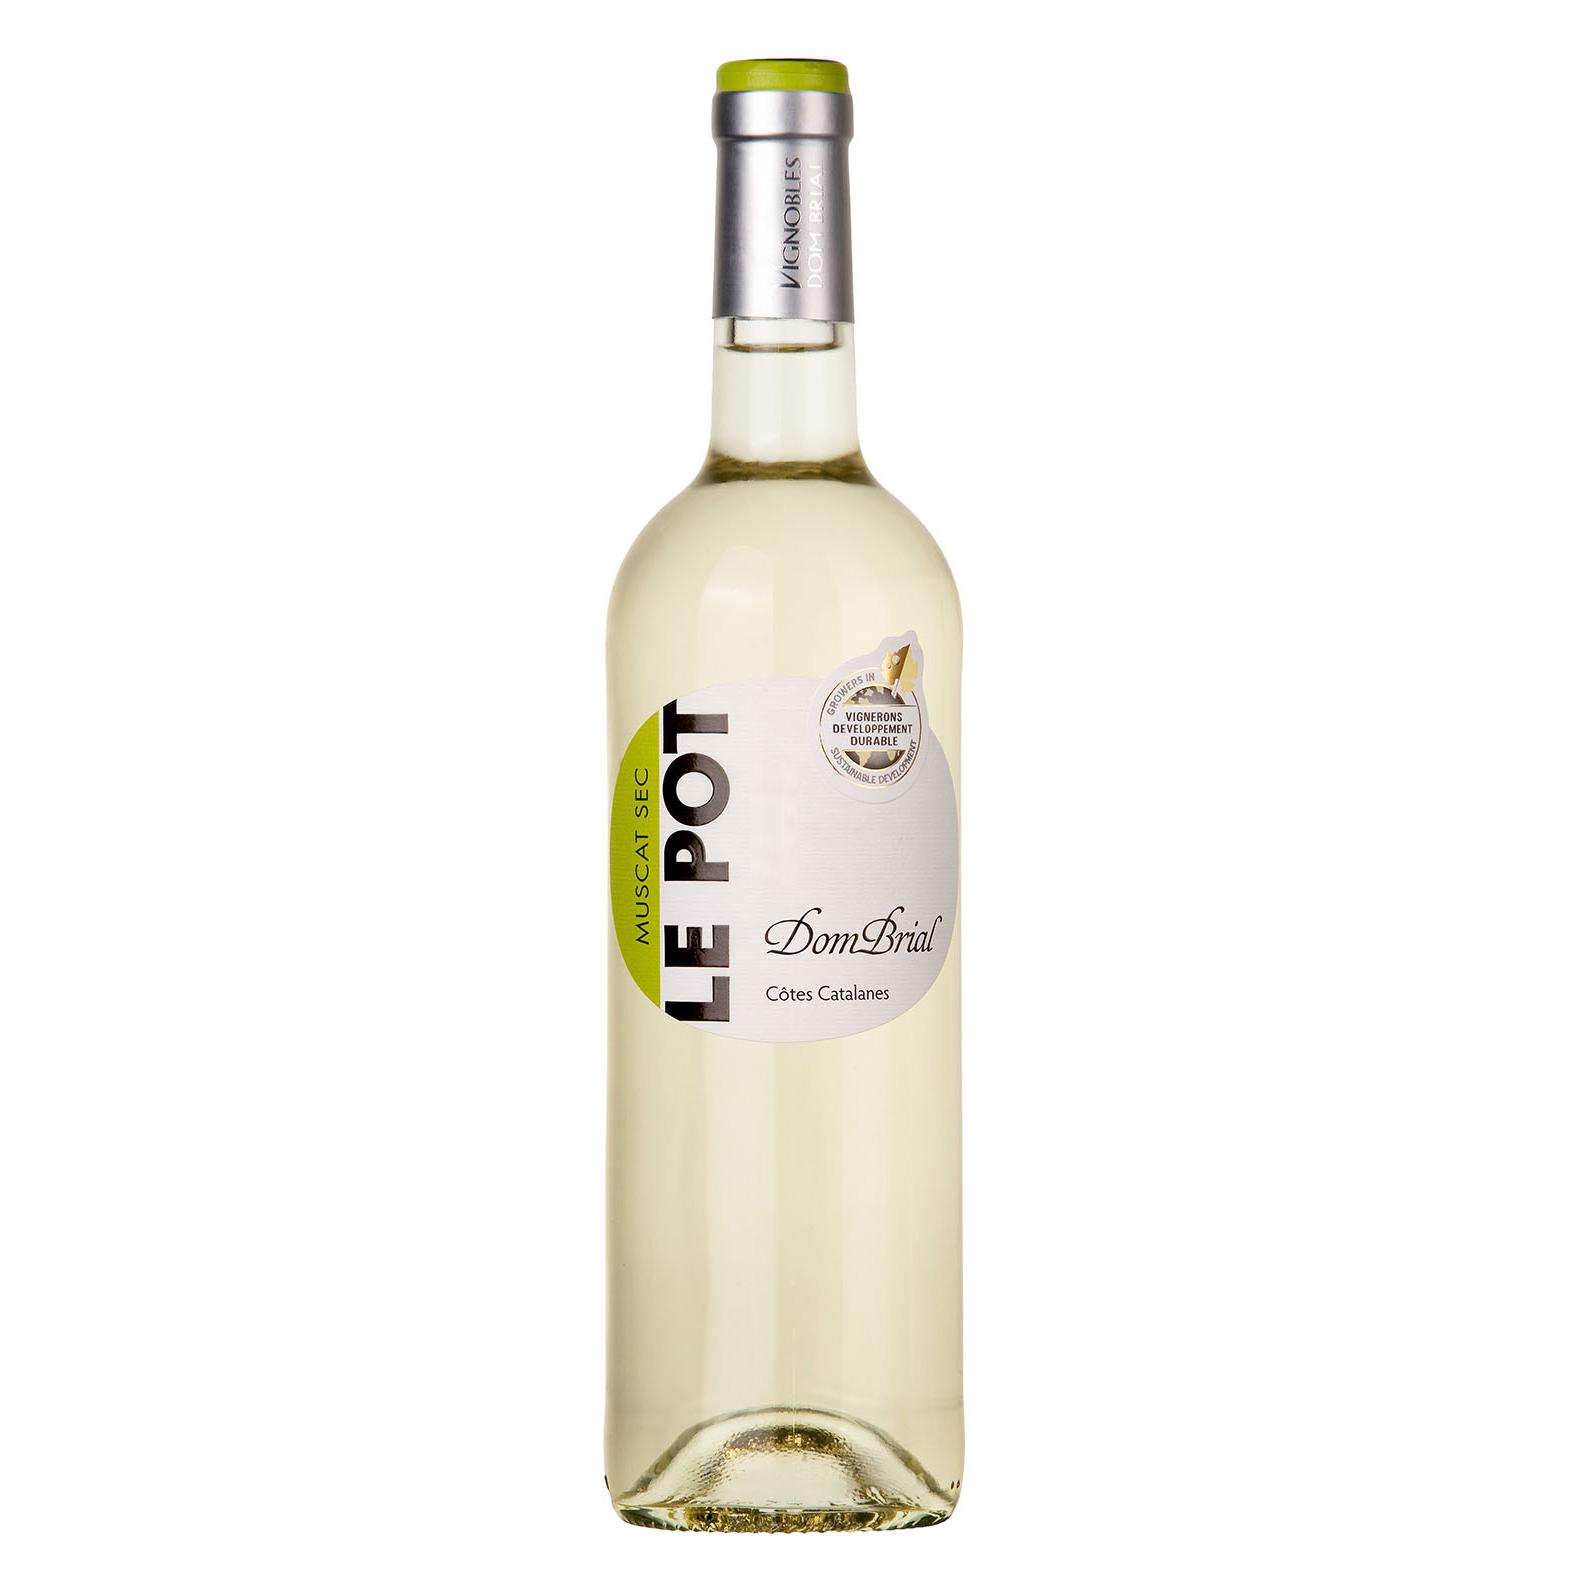 IGP Cotes Catalanes - Le Pot Blanc - Domaine Dom Brial - 2020